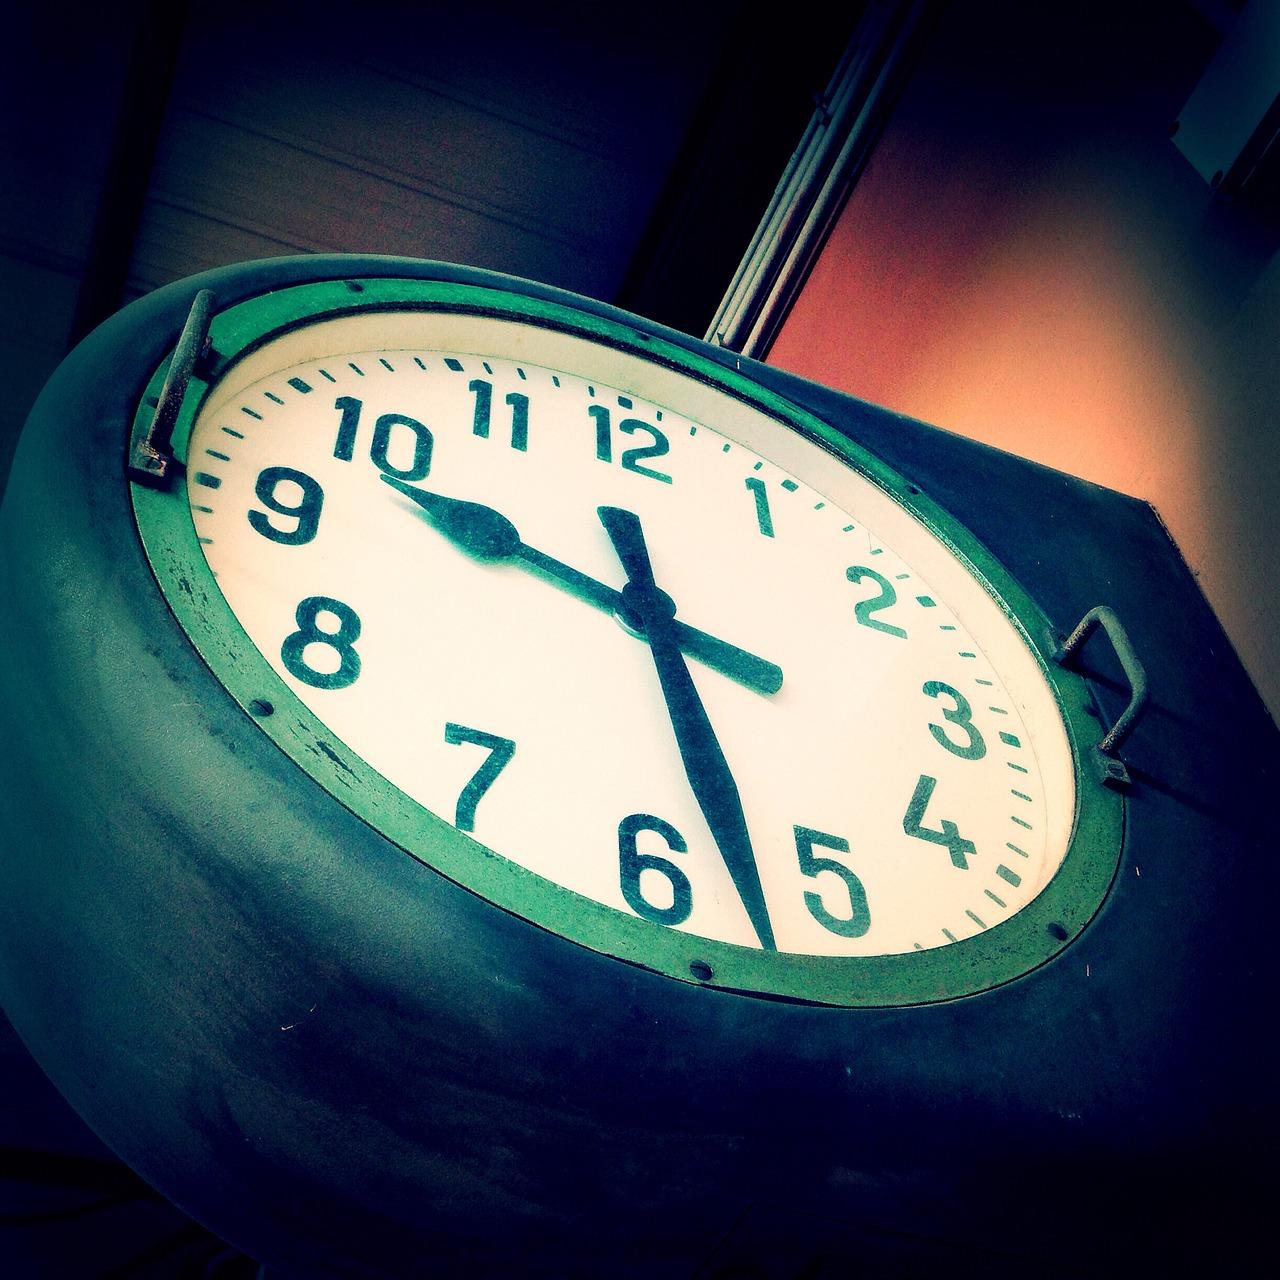 жизни картинка девять часов найдете красивые стихи